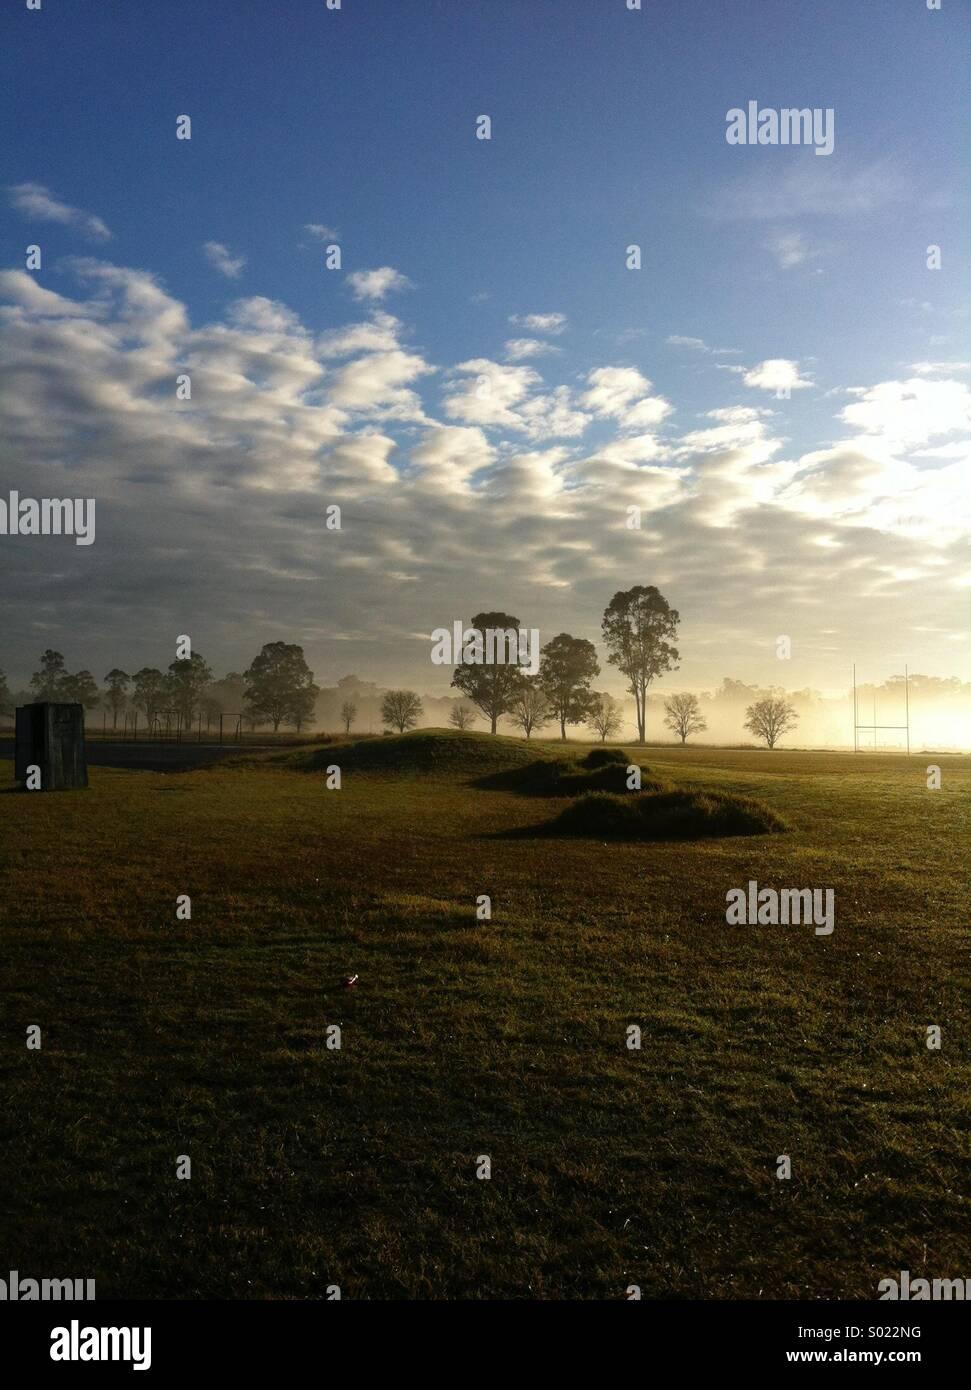 La mattina presto rurale scena con cielo nuvoloso e il rugby regole del gioco Immagini Stock